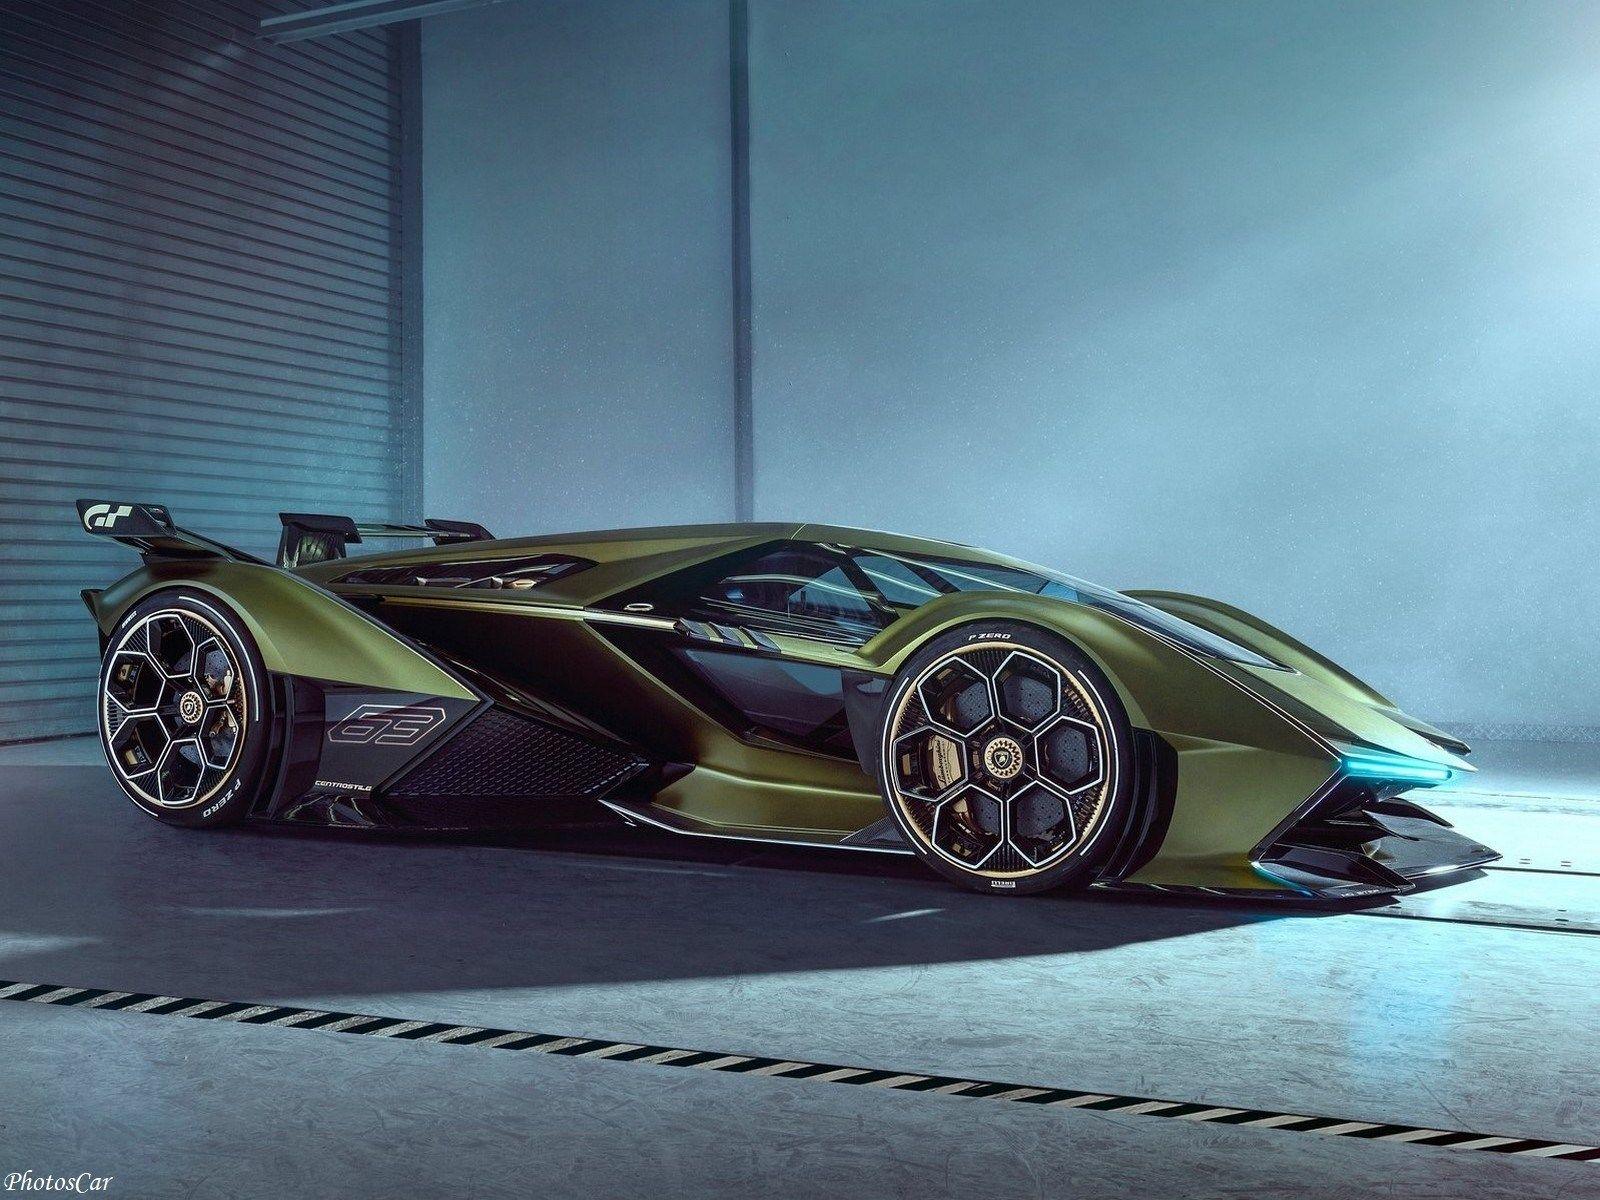 Lamborghini Lambo V12 Vision Gran Turismo 2019 - Pour la PlayStation 4 #sportcars